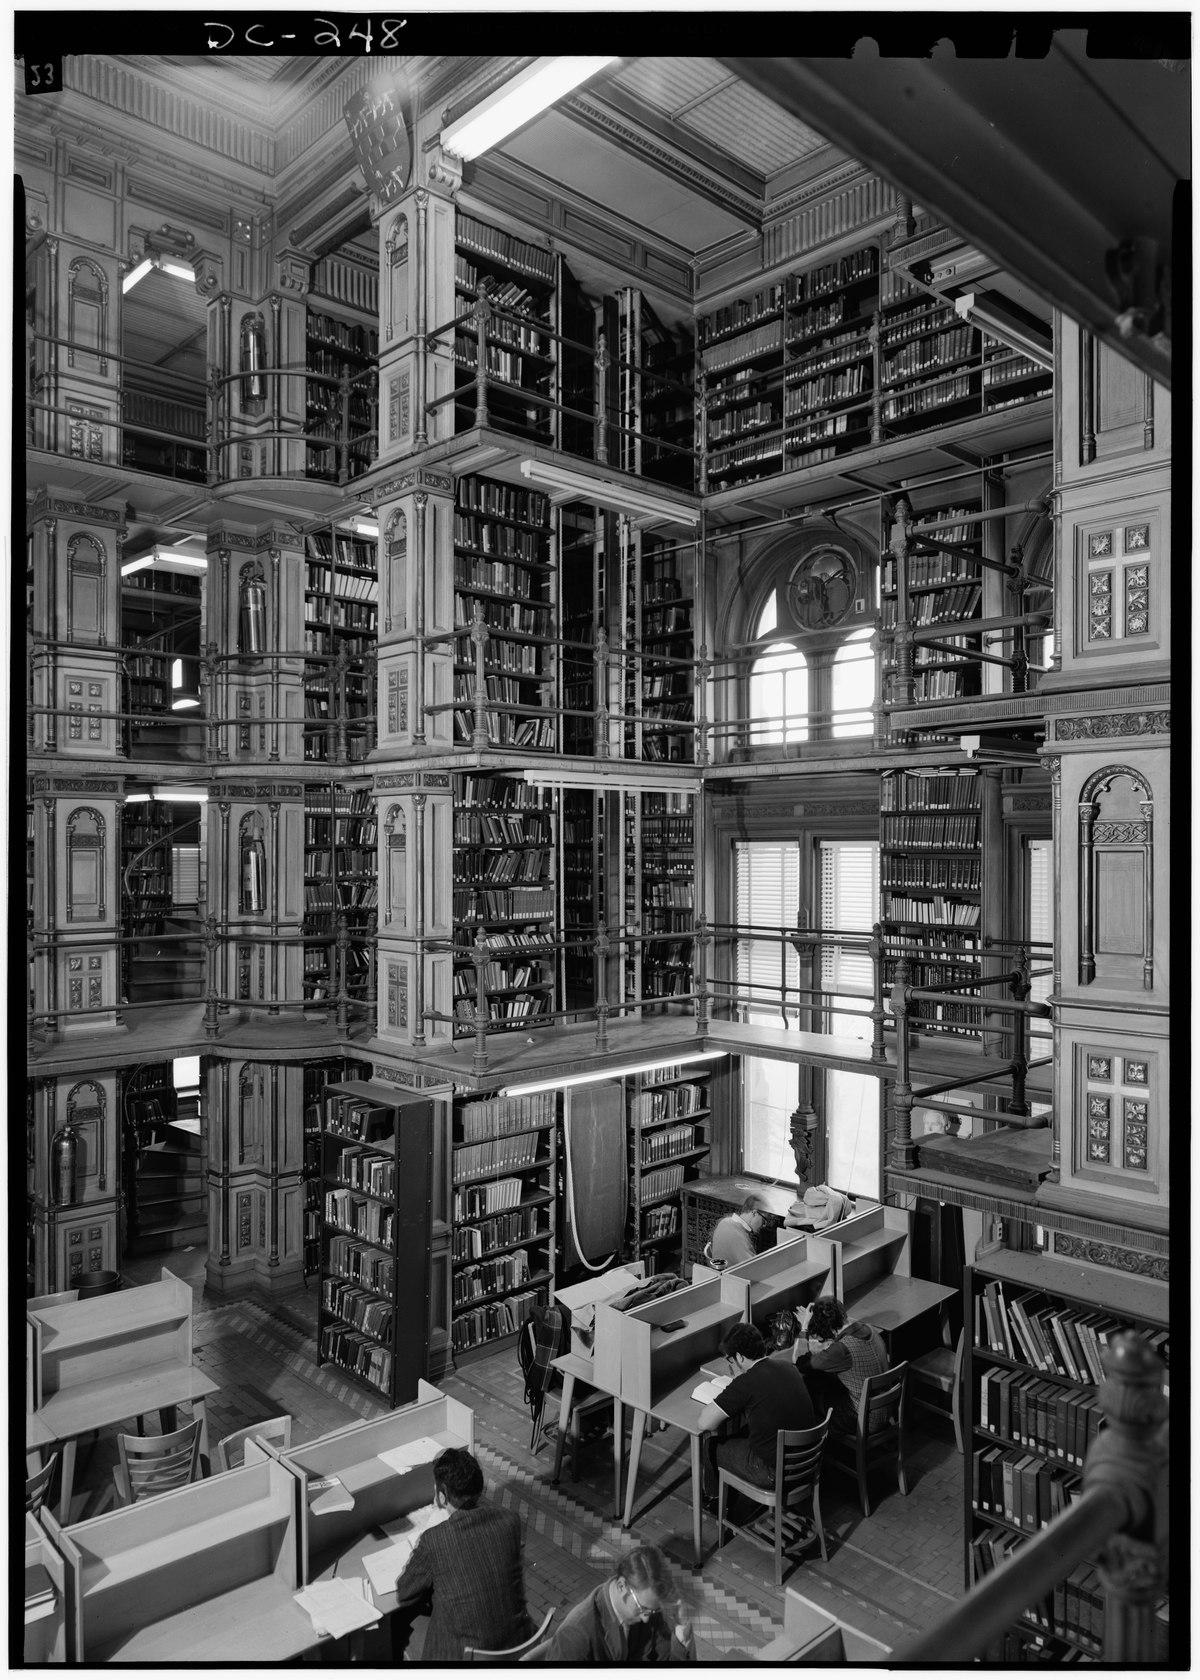 Riggs Library - Wikipedia